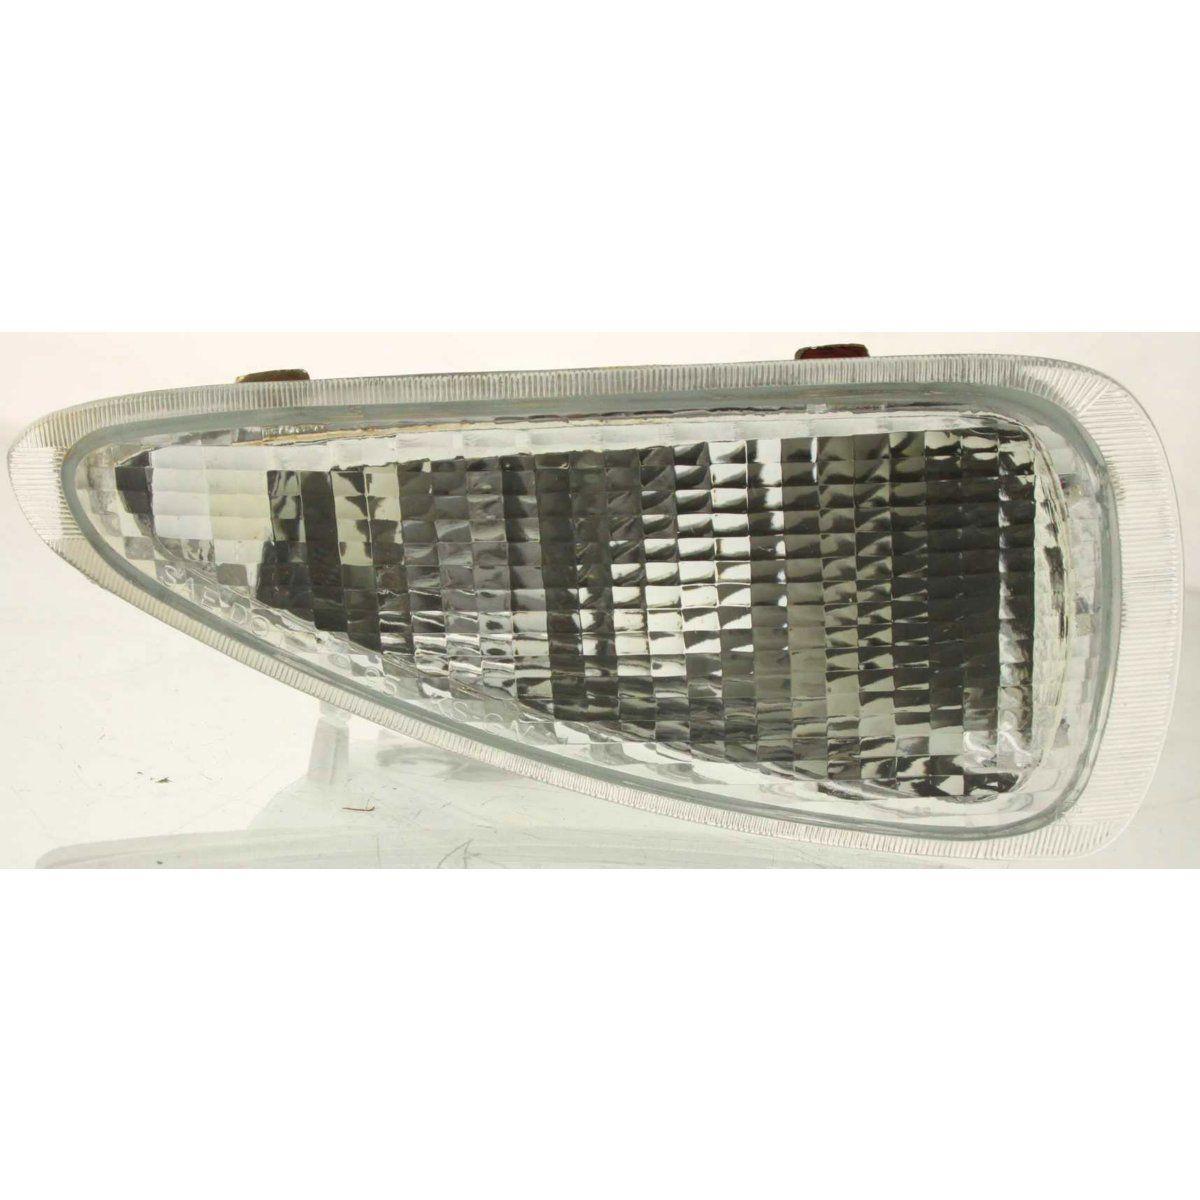 コーナーライト Parking Light For 95-99 Chevrolet Cavalier Passenger Side 95-99シボレー・キャバリア・パッセンジャー・サイド用の駐車ライト